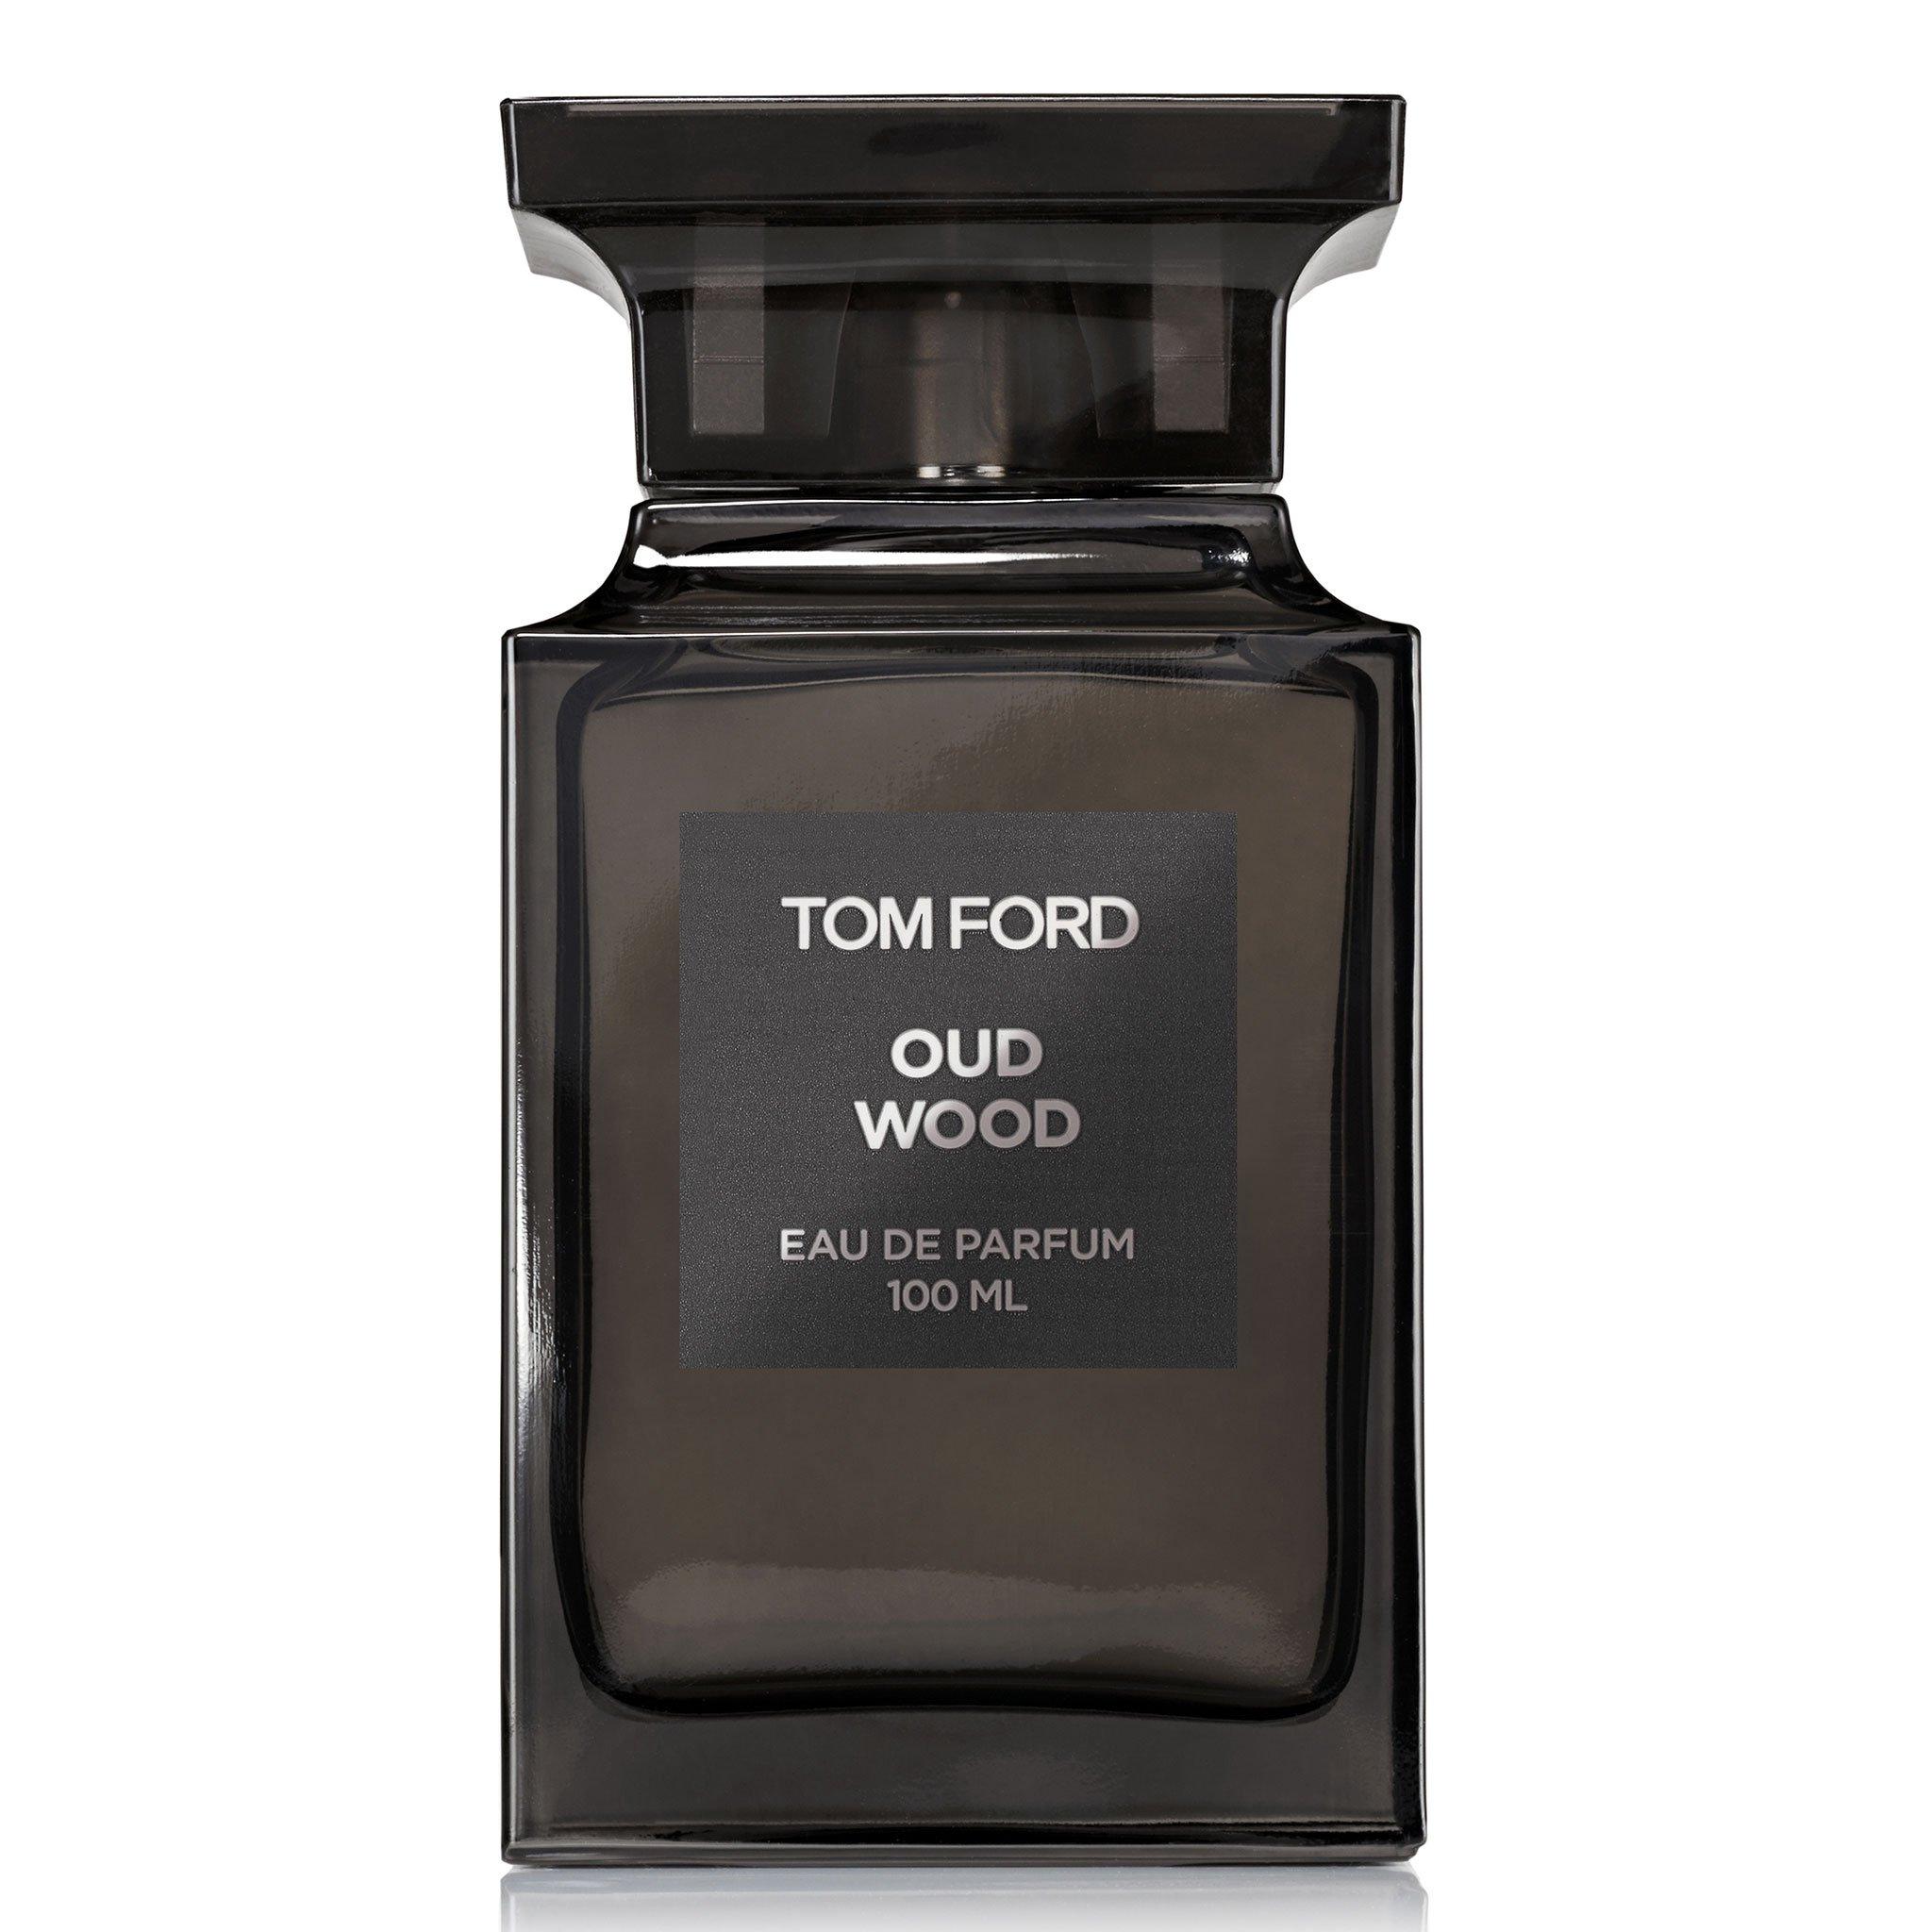 Tom Ford - Oud Wood EDP 100 ml